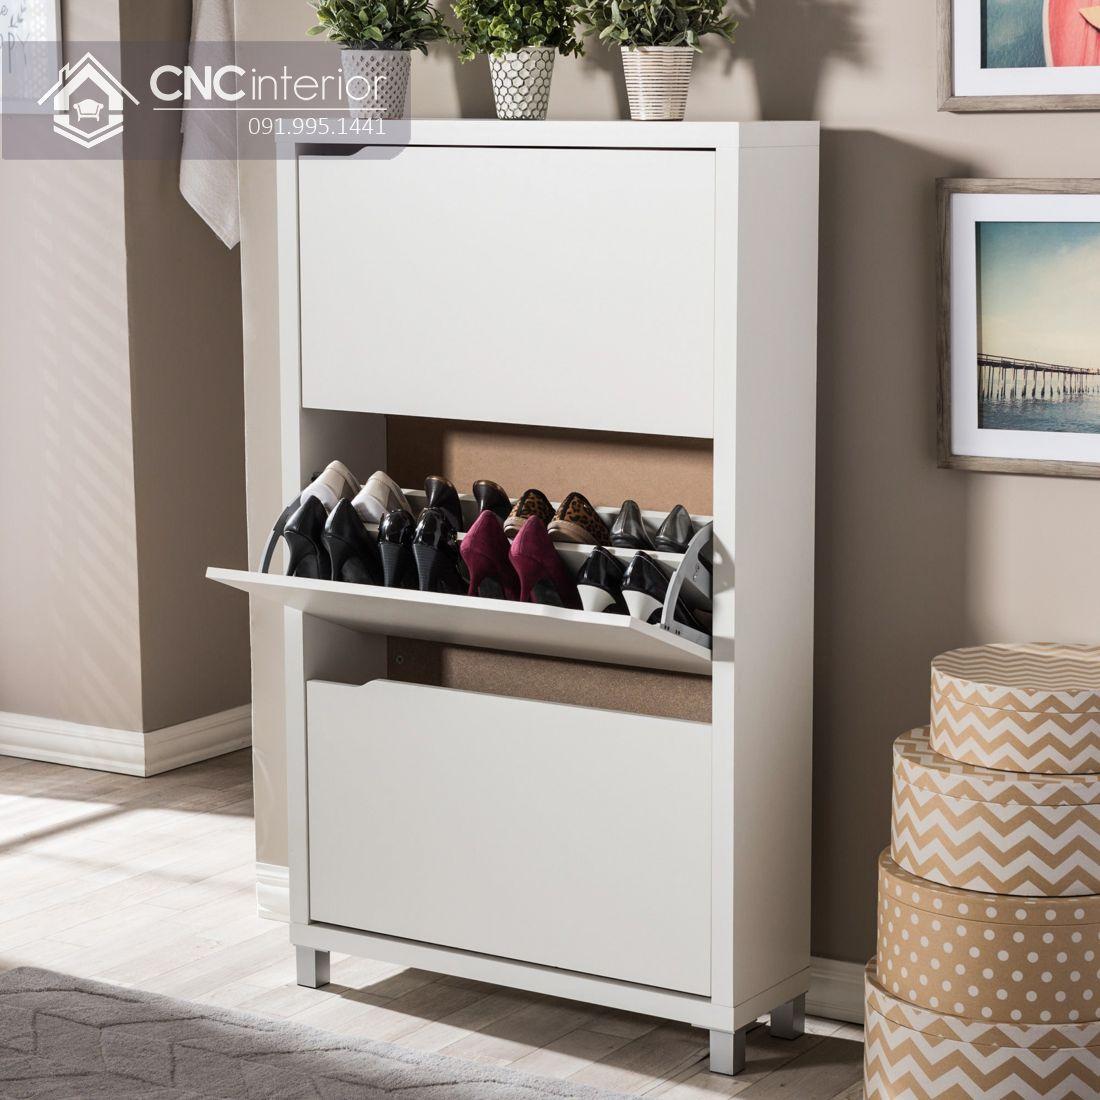 Tủ giày gỗ MDF dạng đứng gọn gàng CNC 06 1